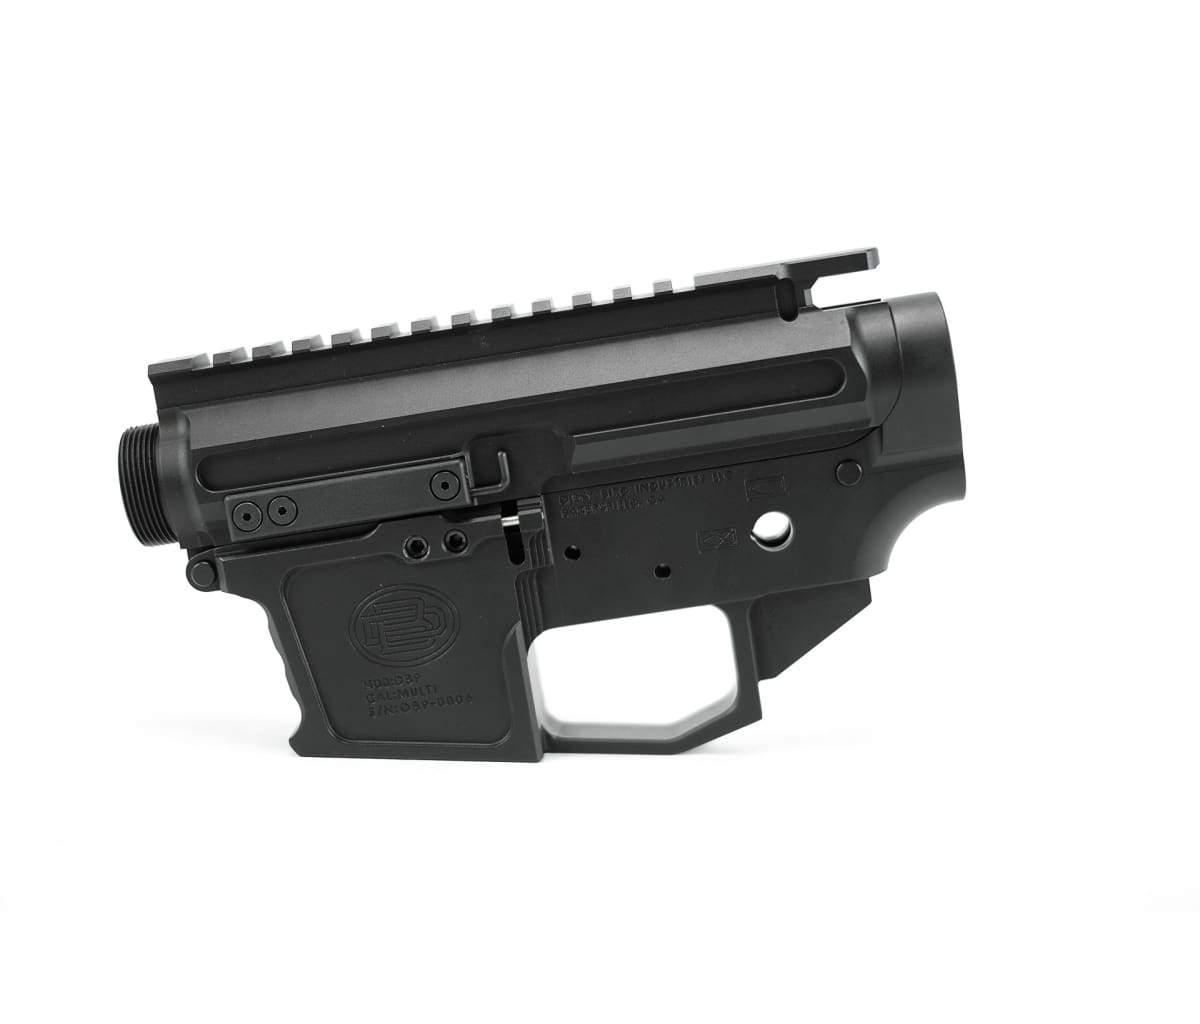 Dirty Bird DB9 9mm / Pistol Caliber Receiver Set Black, FDE, Midnight  Bronze from $278 05